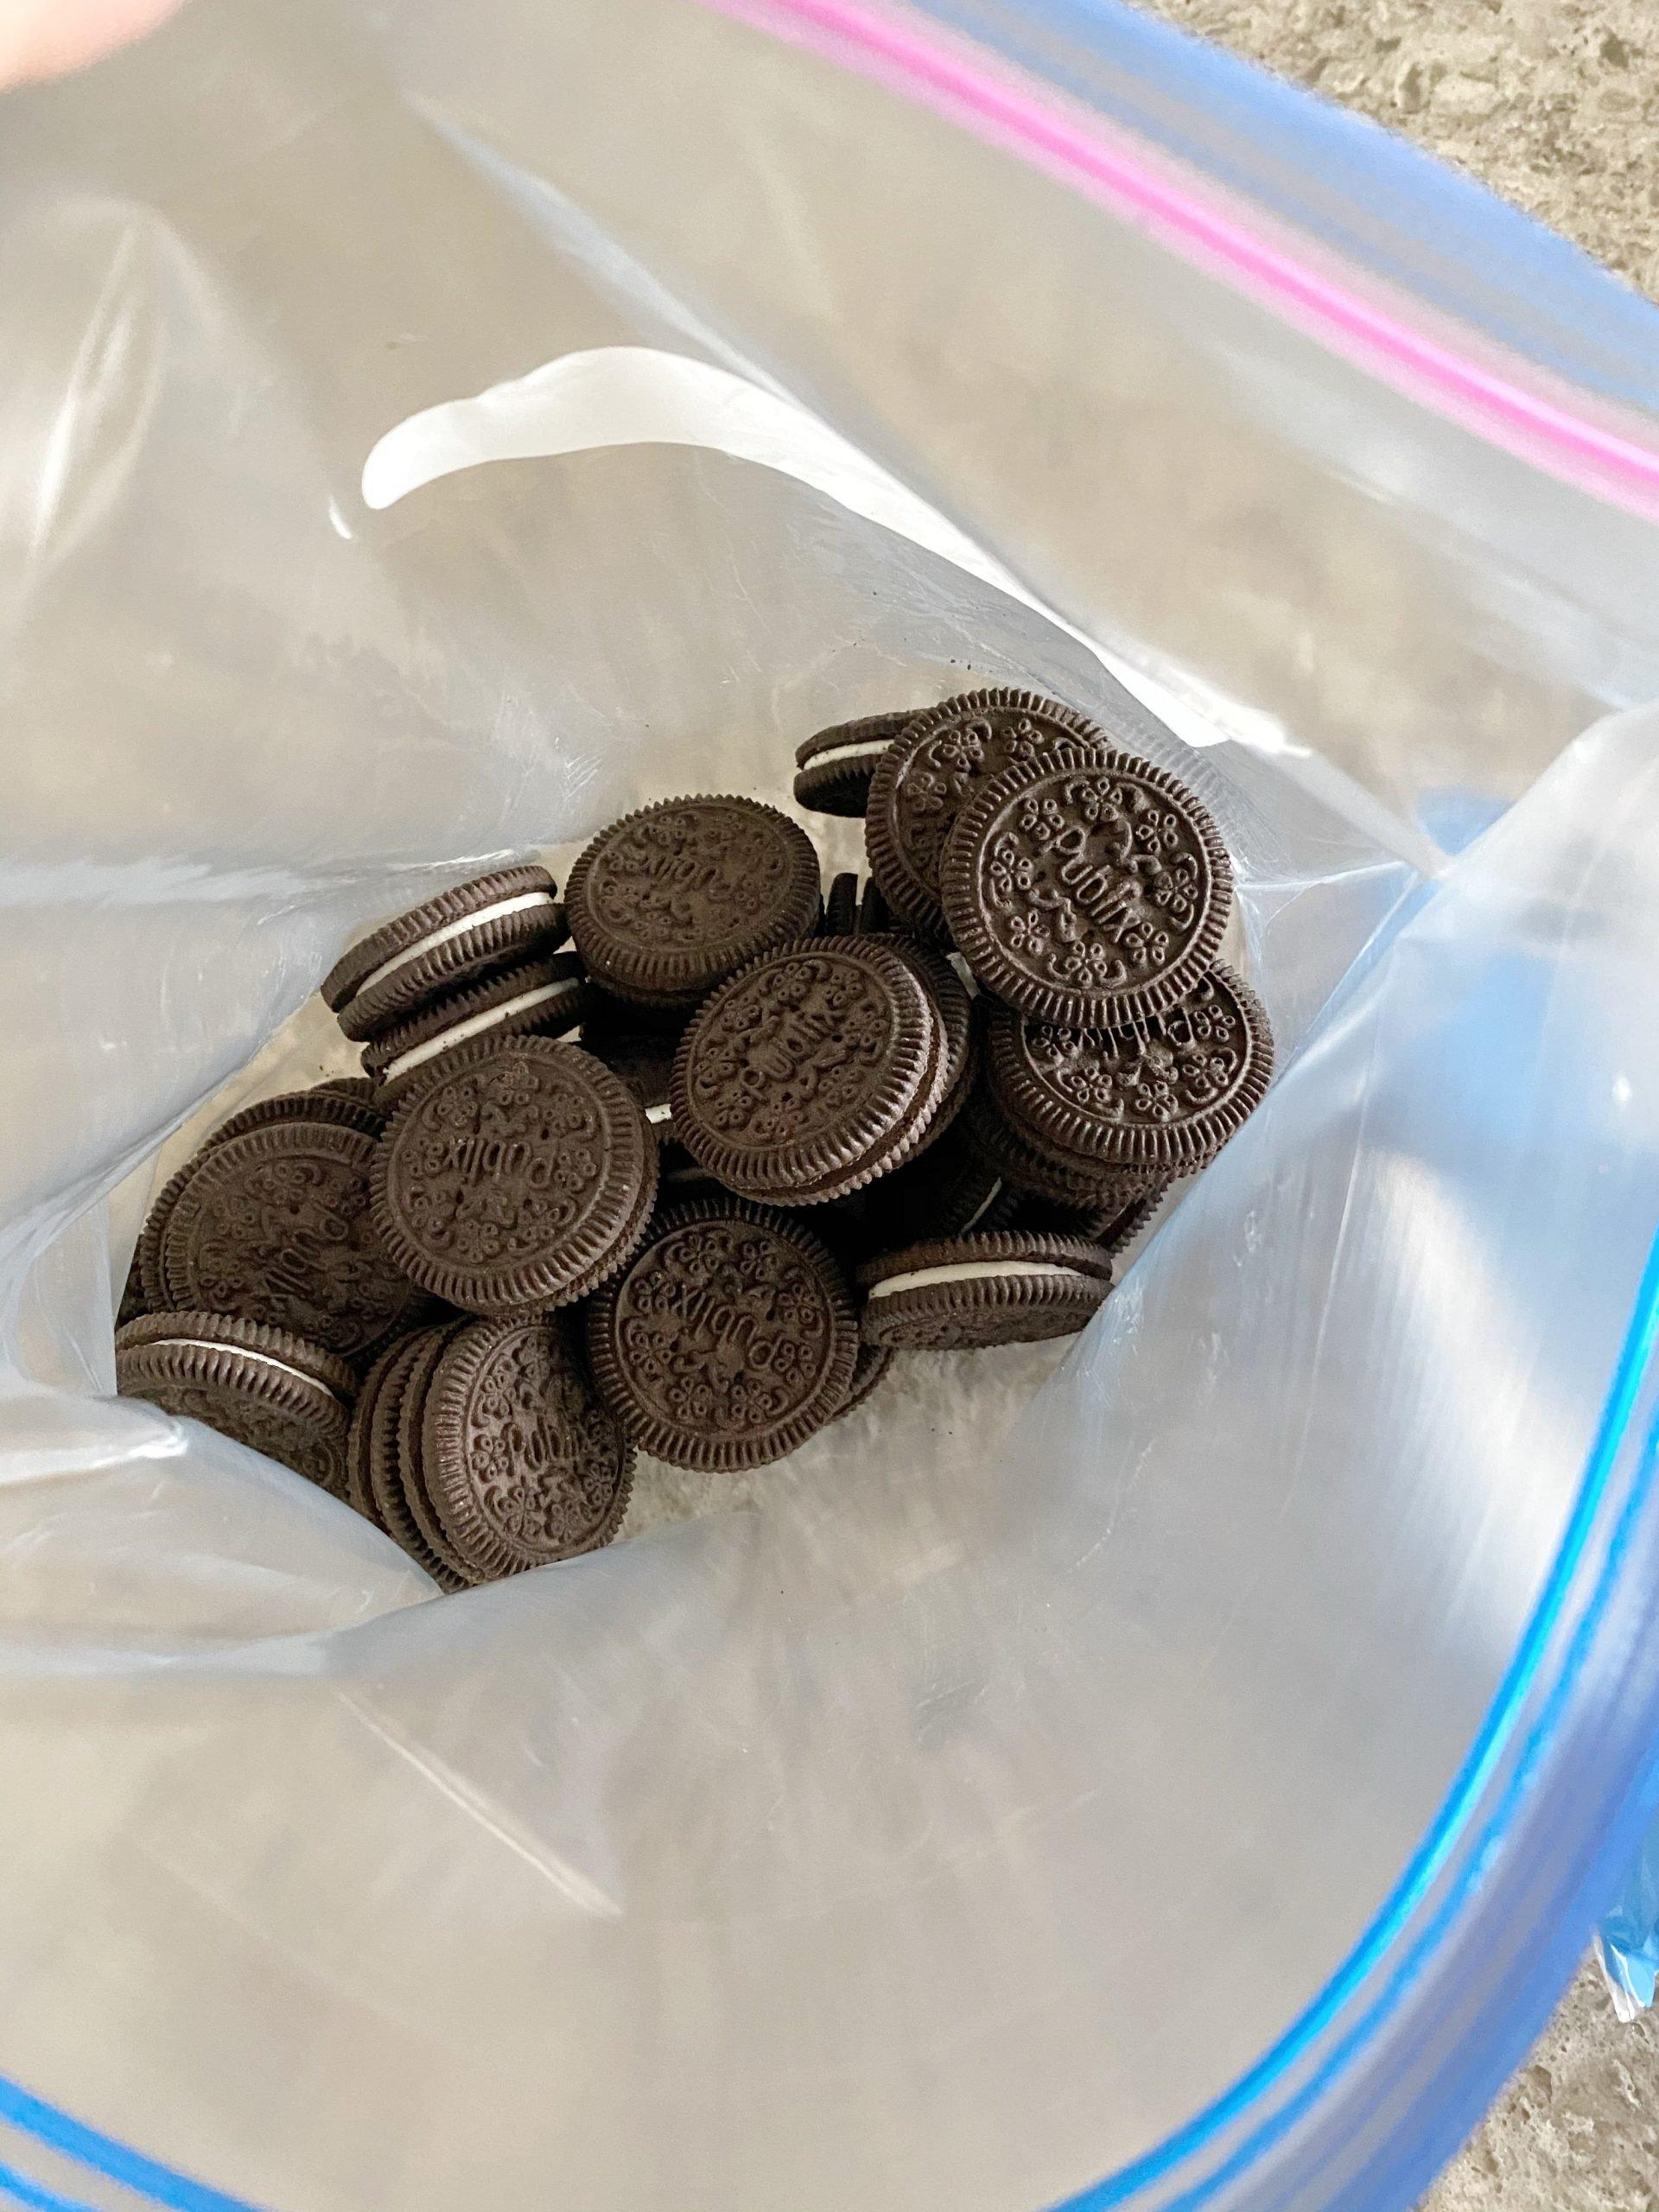 Chocolate Sandwich Cookies in Ziploc